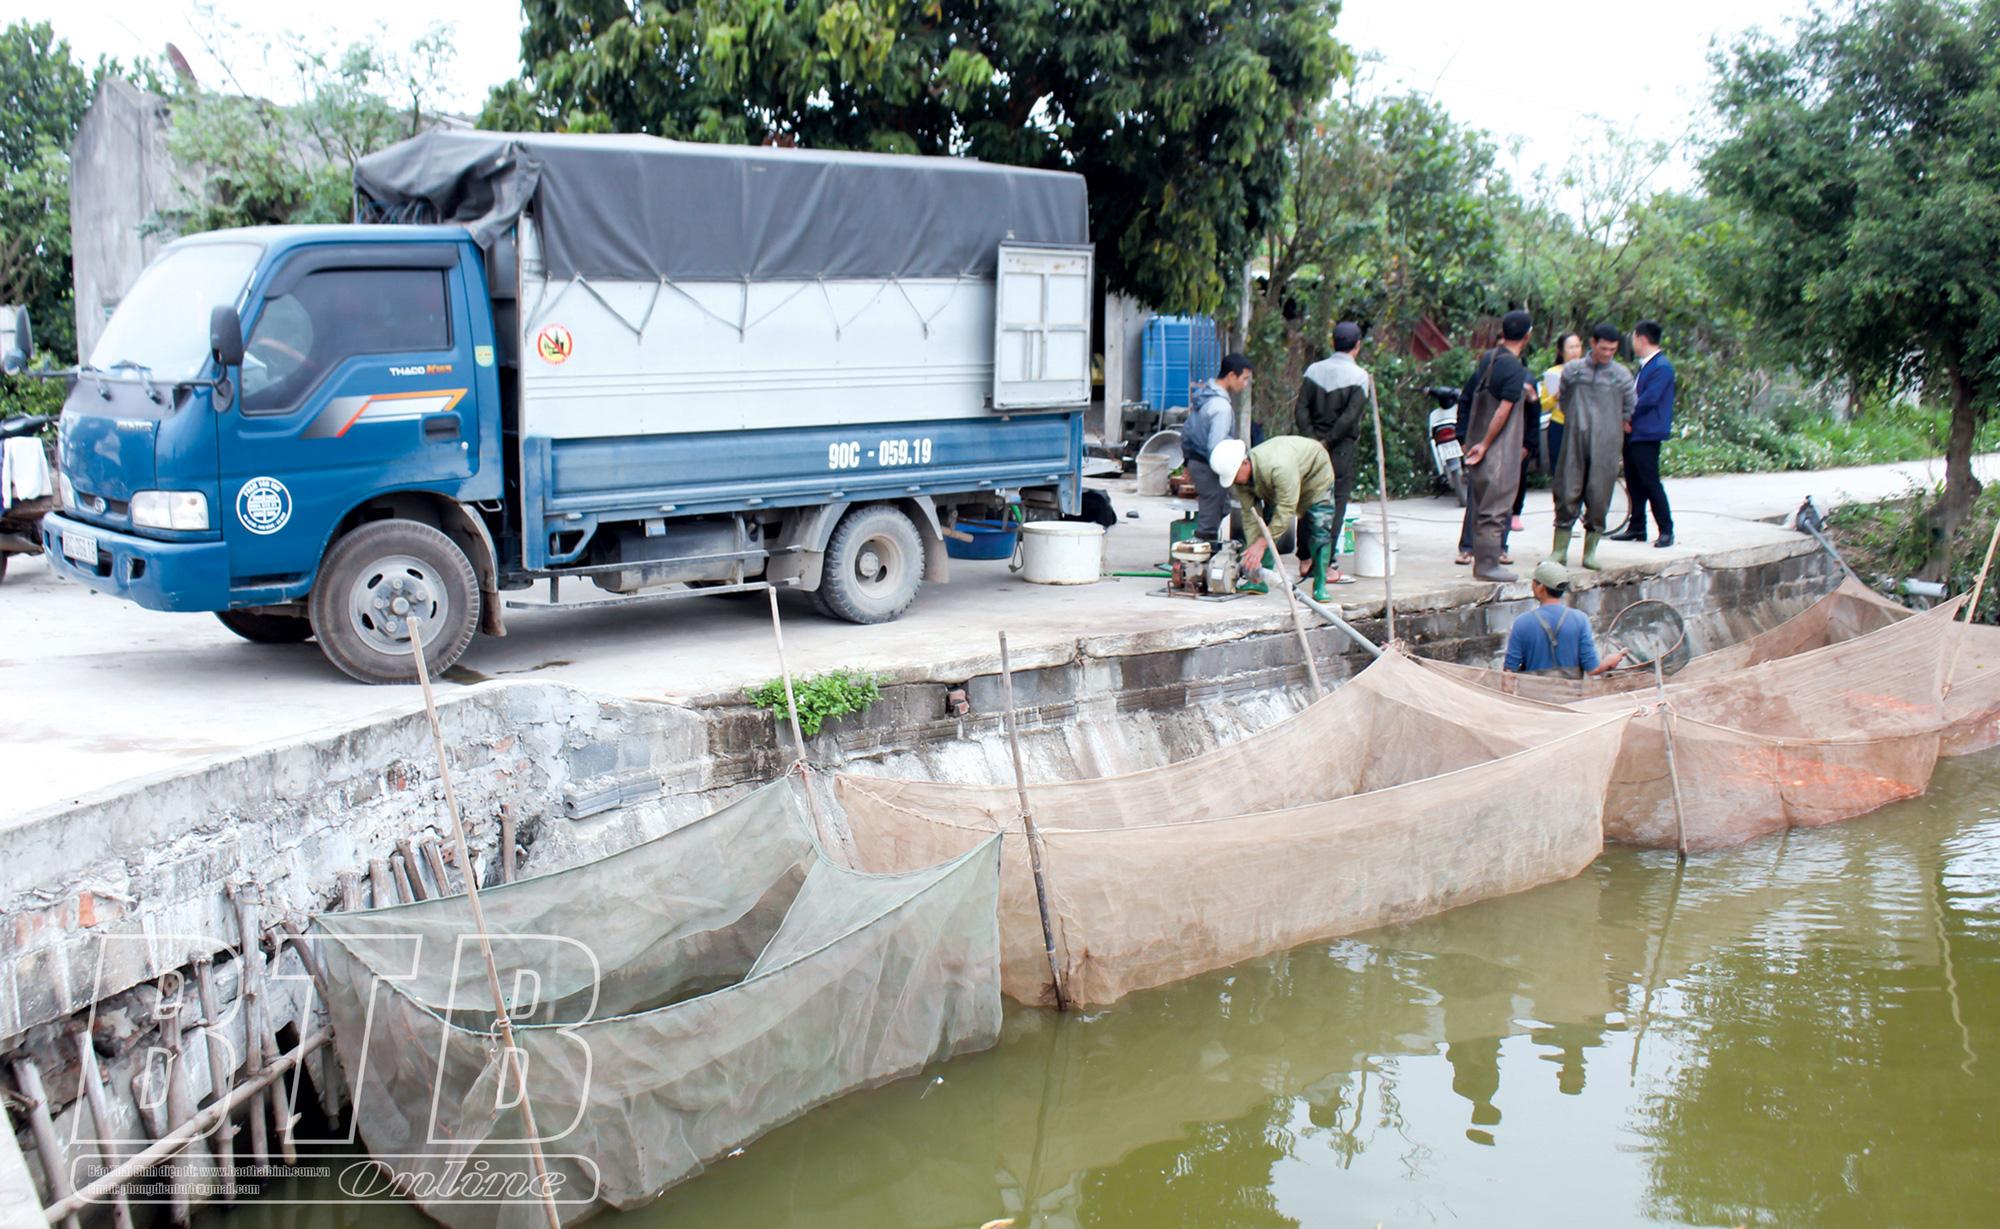 Thái Bình: Ô tô, xe máy lao xao, người ra vào tấp nập ở làng này mua thứ gì mà mang đi gấp gáp? - Ảnh 4.